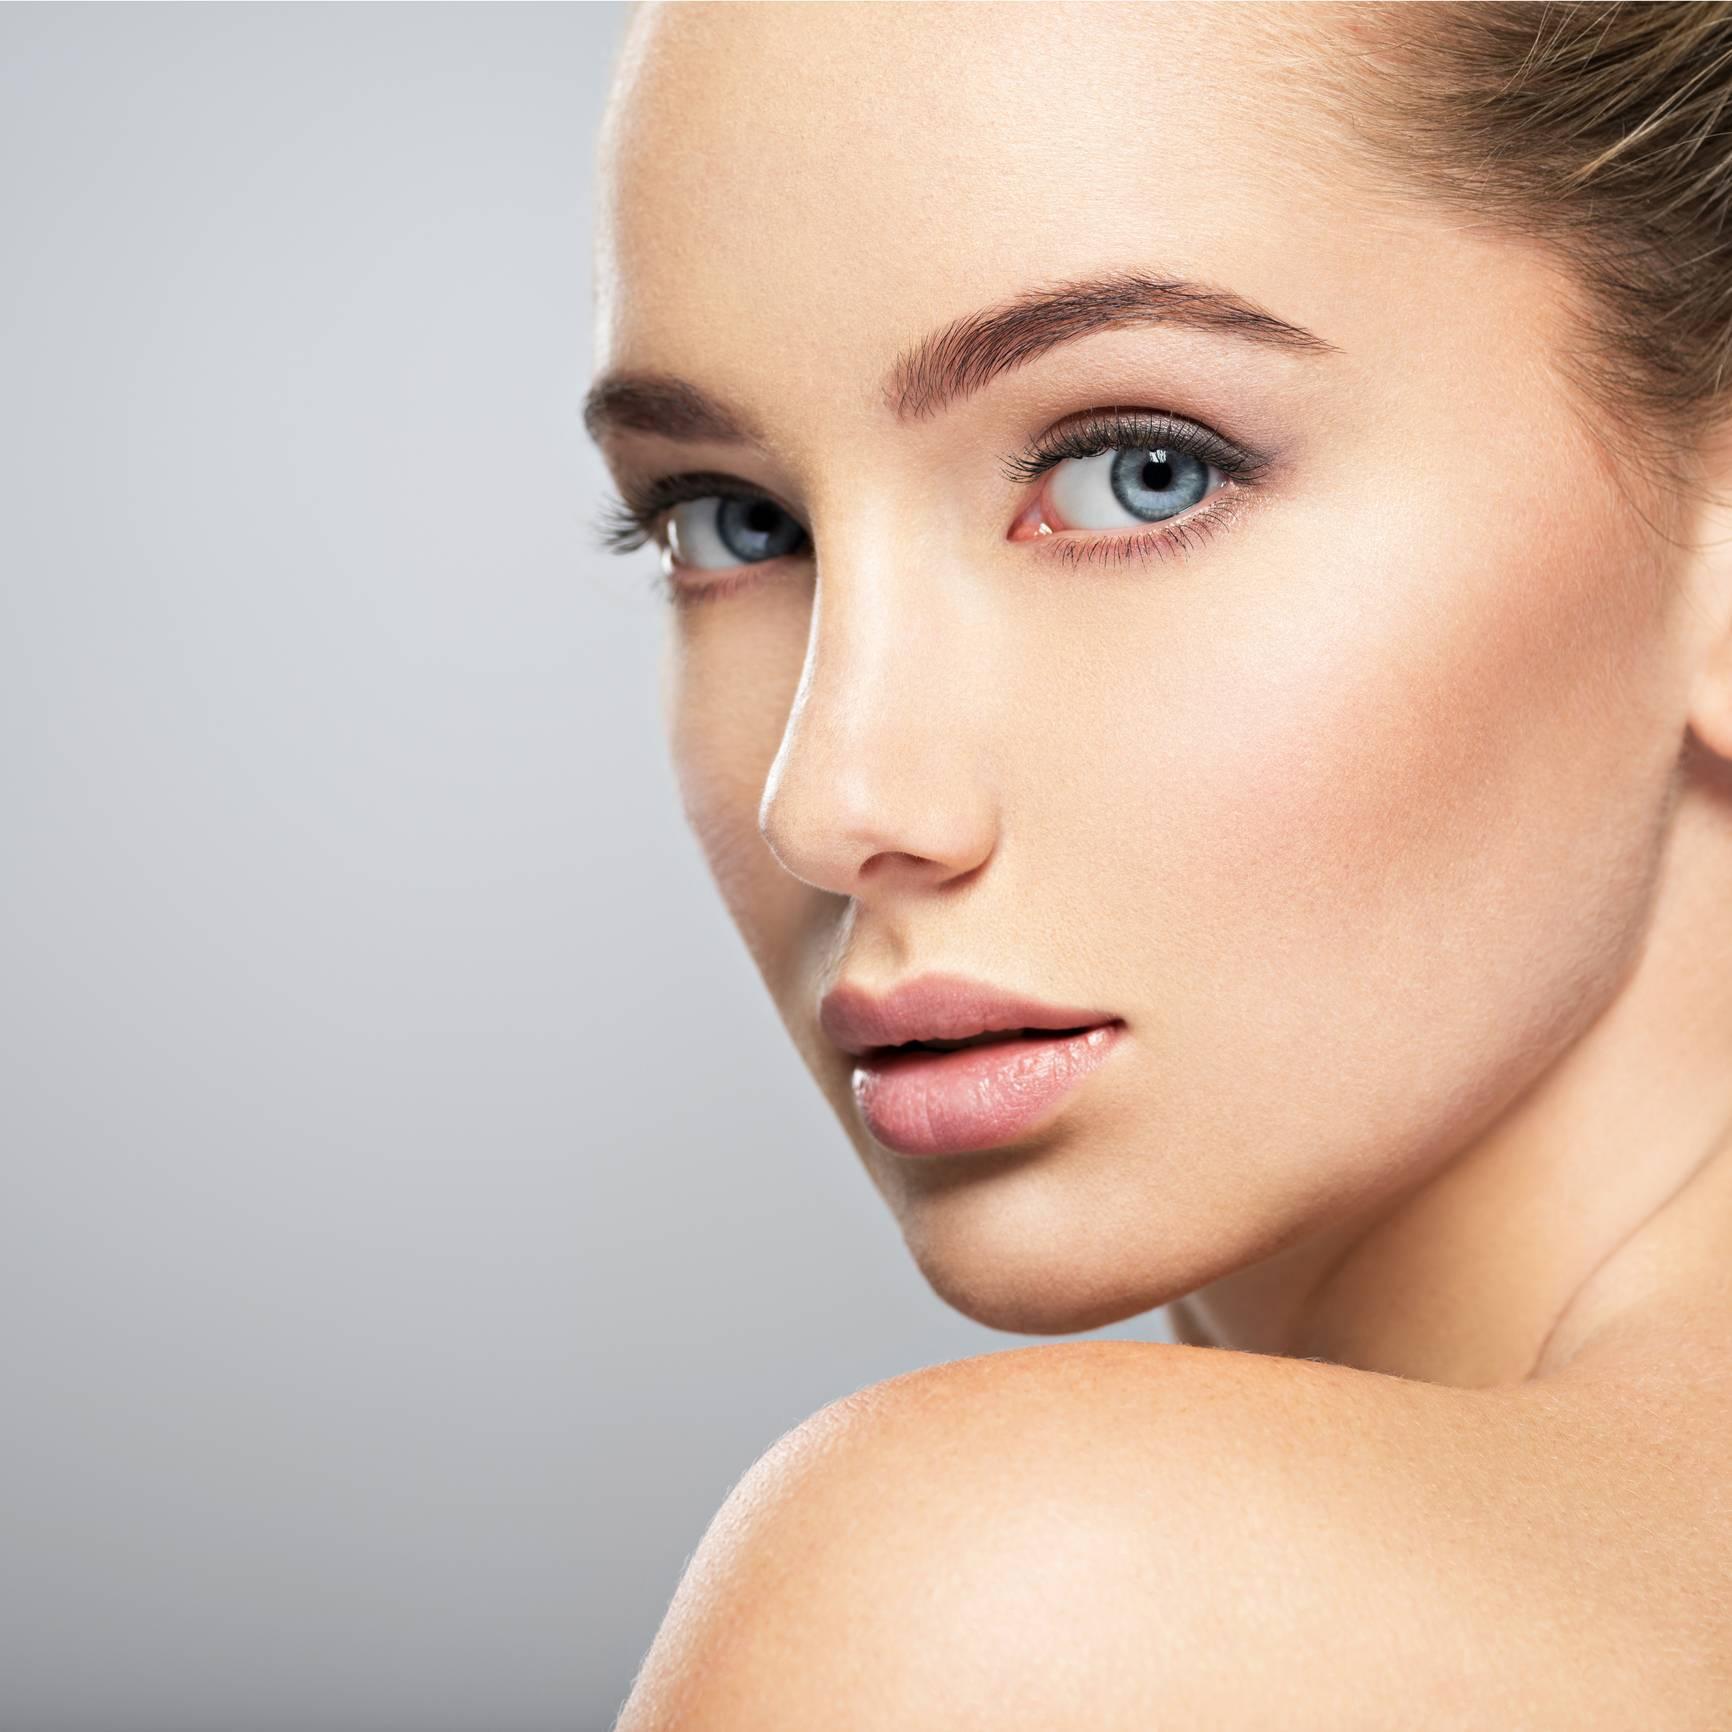 eclatante combattre comment grasse nette - Comment combattre la peau grasse pour une peau nette et éclatante ?